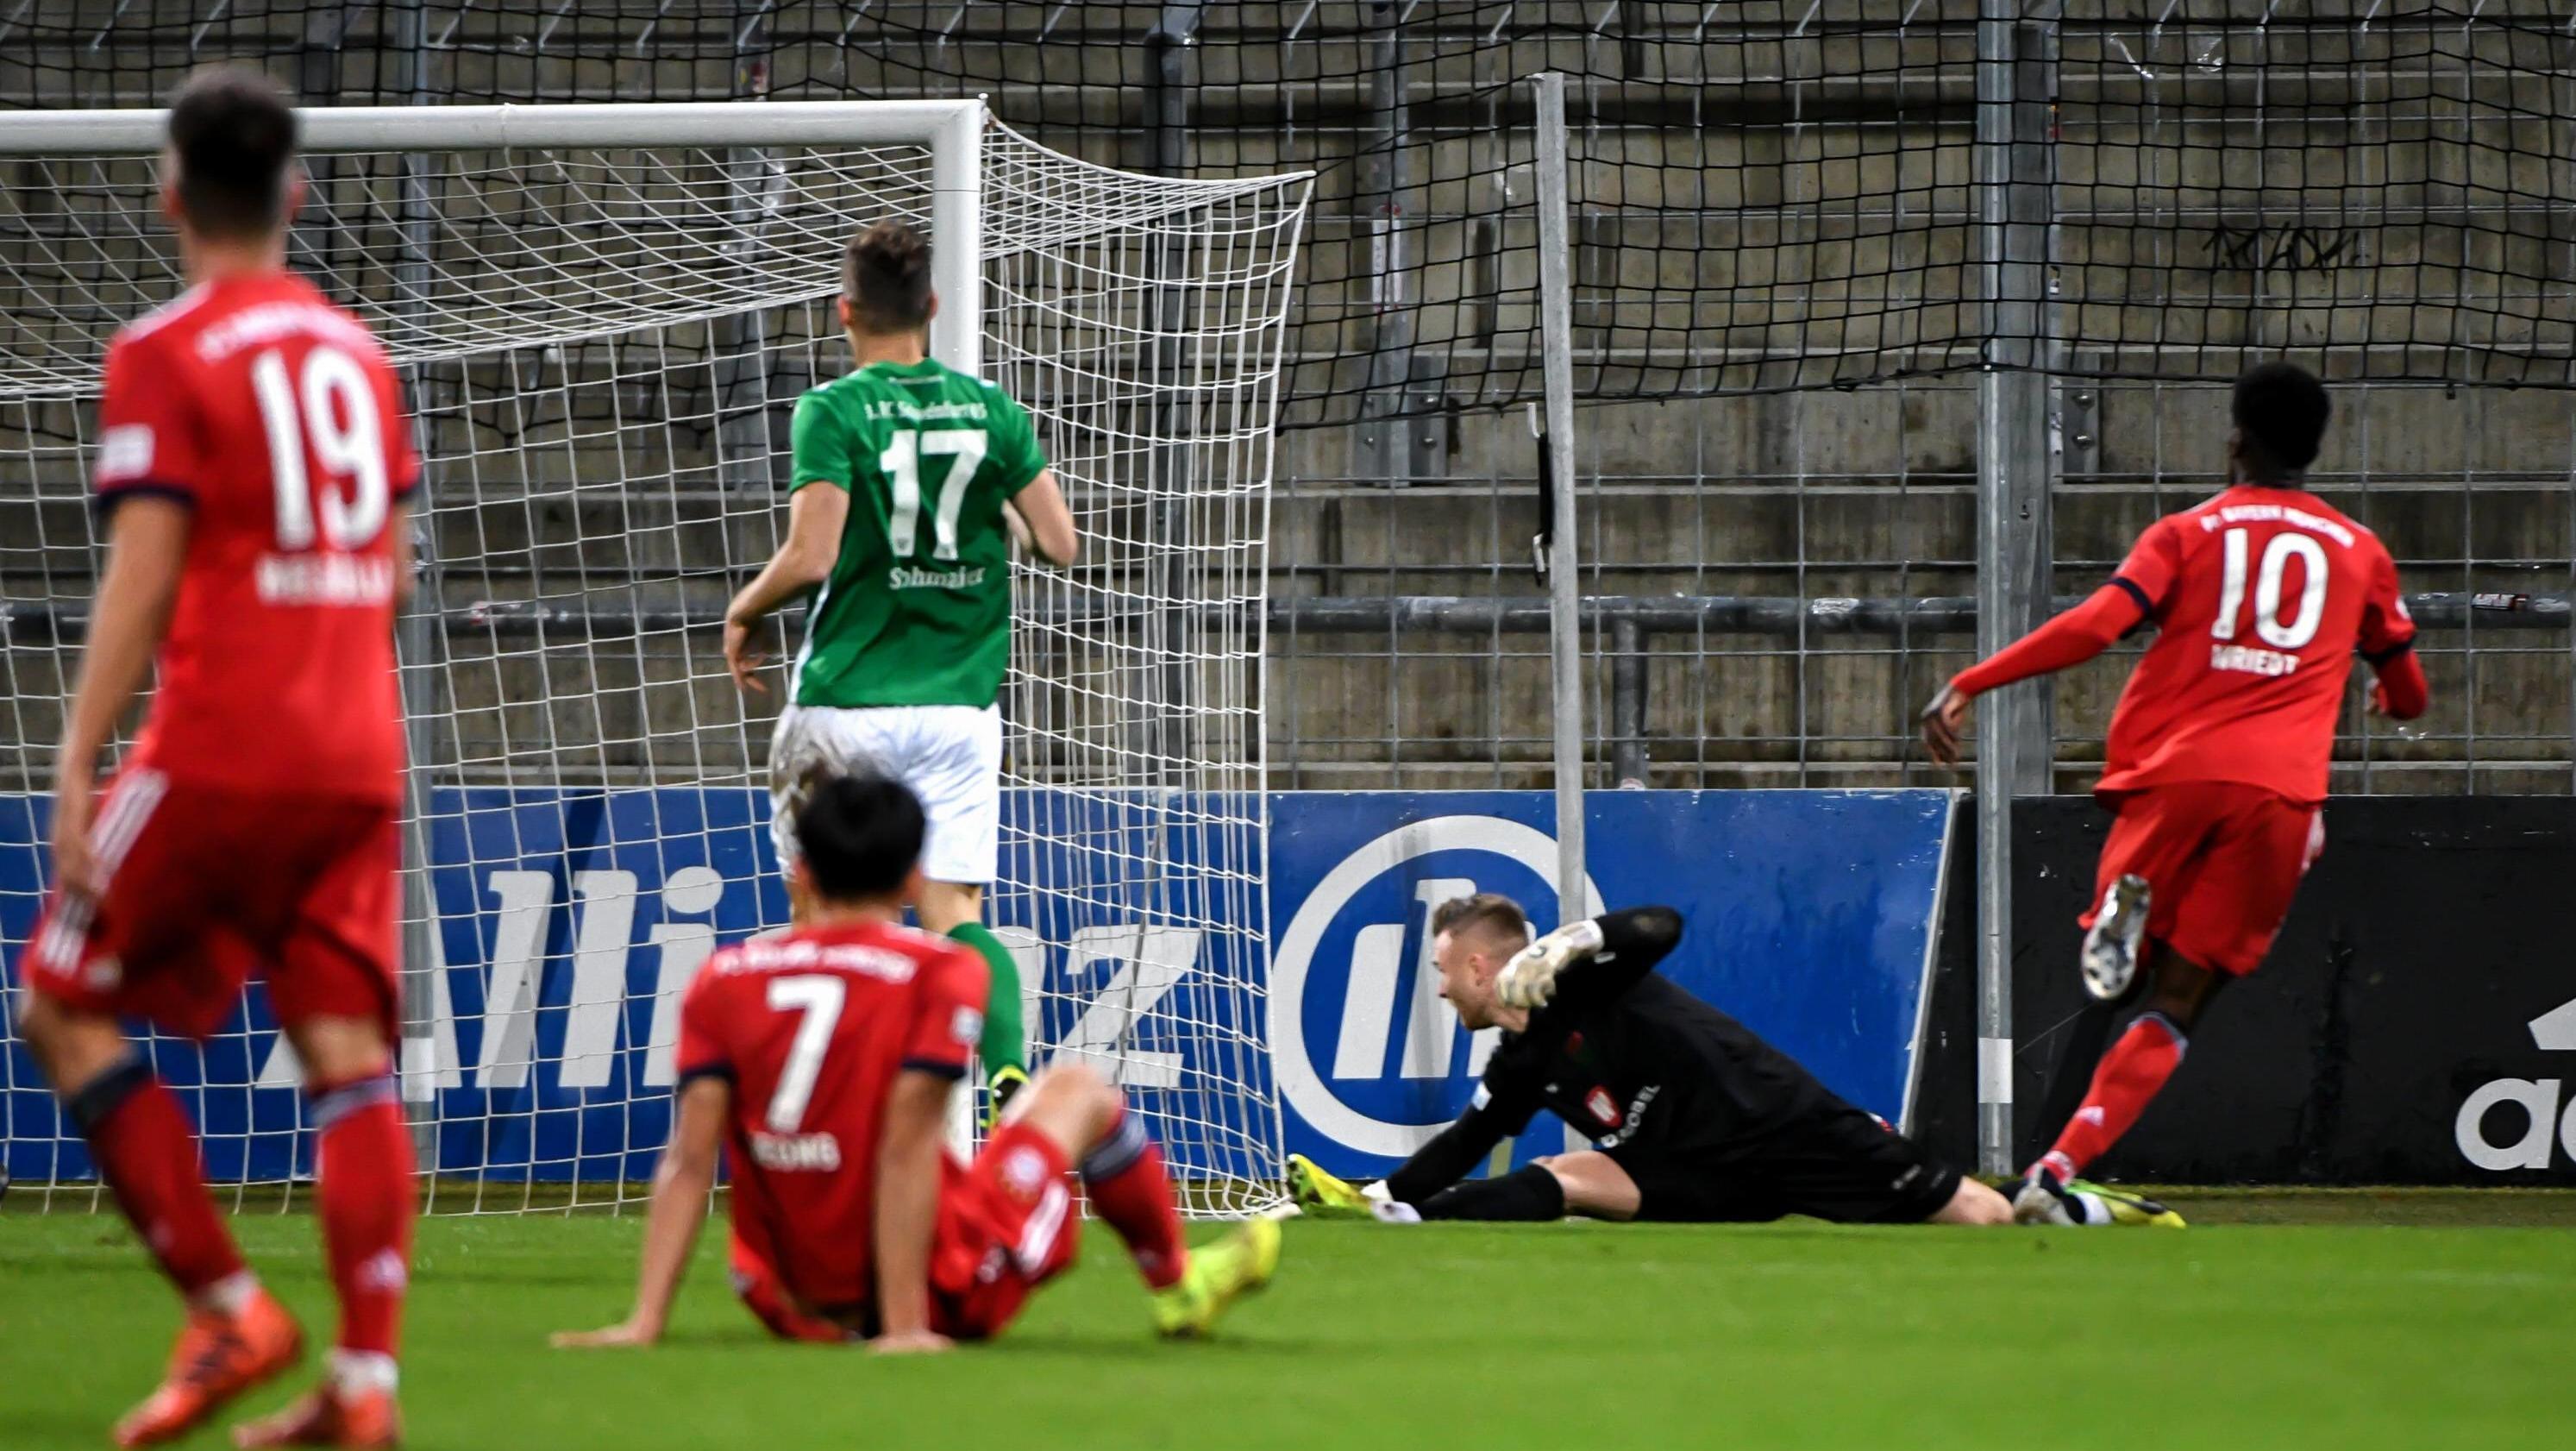 Spielszene FC Bayern München II - 1. FC Schweinfurt - das 3:0 durch Wriedt